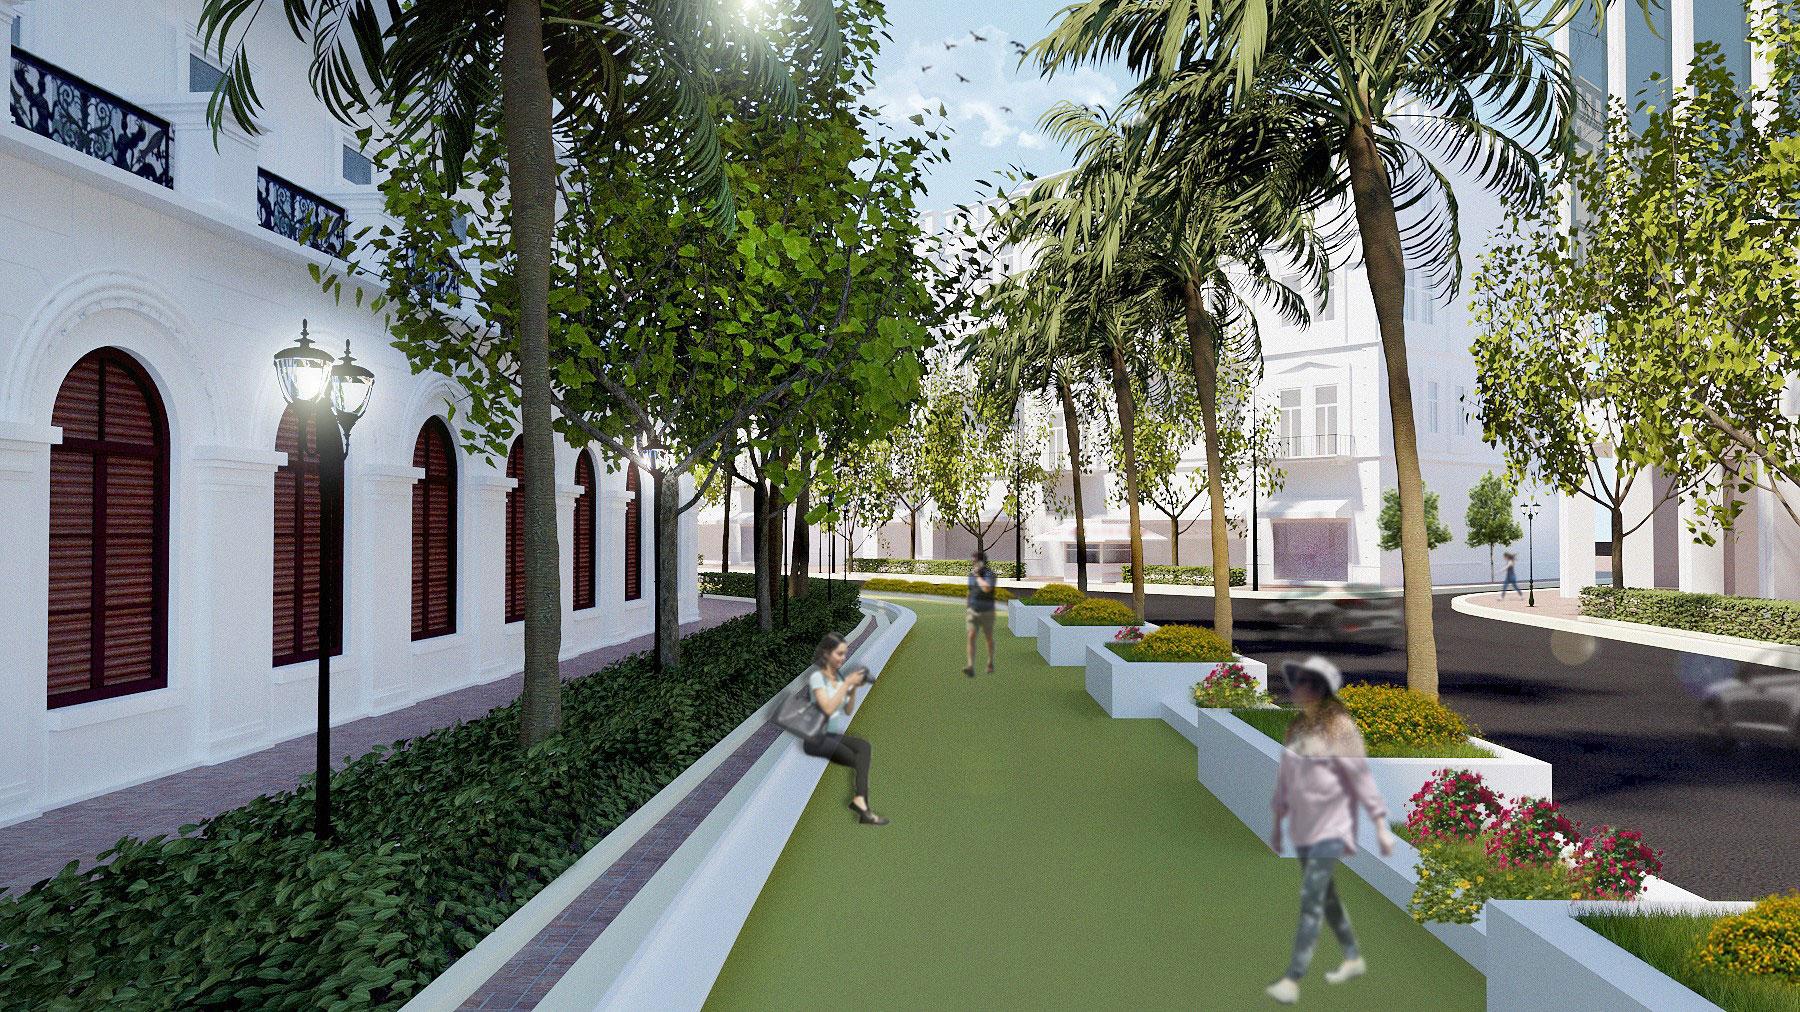 Афины скоро изменят свой облик: грандиозный план реконструкции греческой столицы